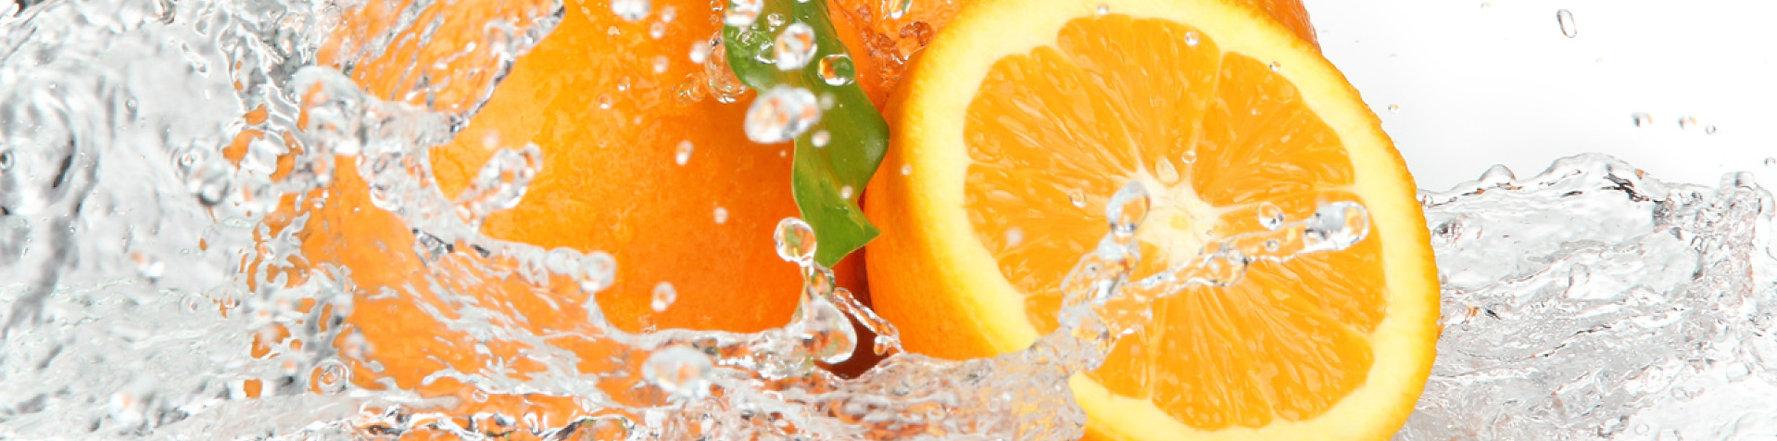 oranges splashing